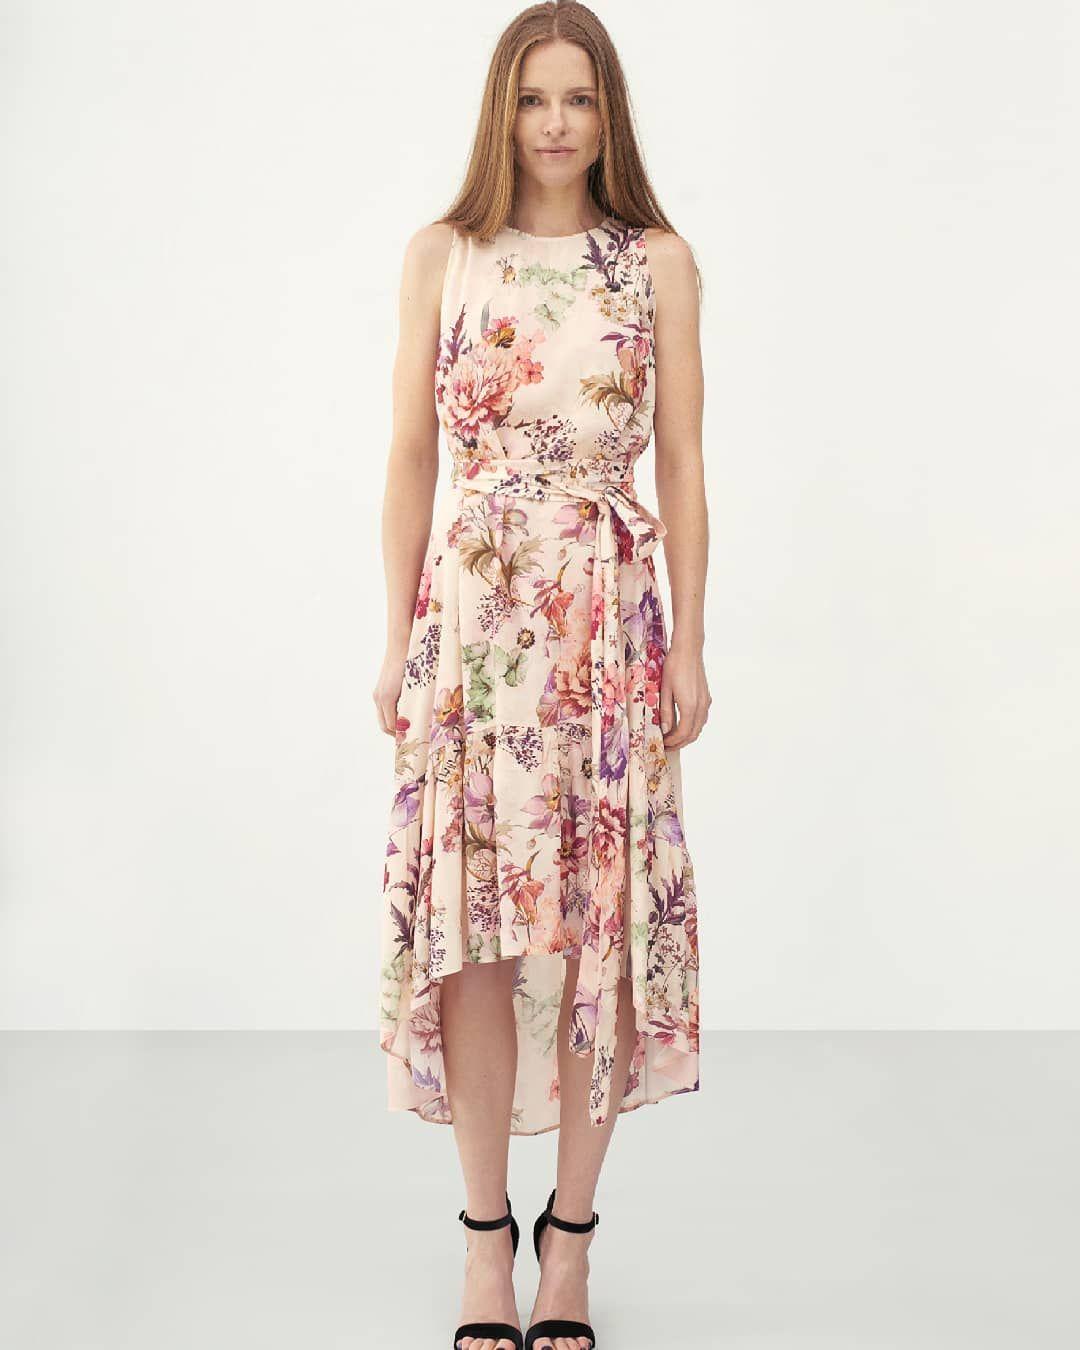 Zara Luksusowa Sukienka Kimono W Kwiaty Blog 40 L 6881579201 Oficjalne Archiwum Allegro Boho Stylish Floral Print Cardigan Kimono Dress